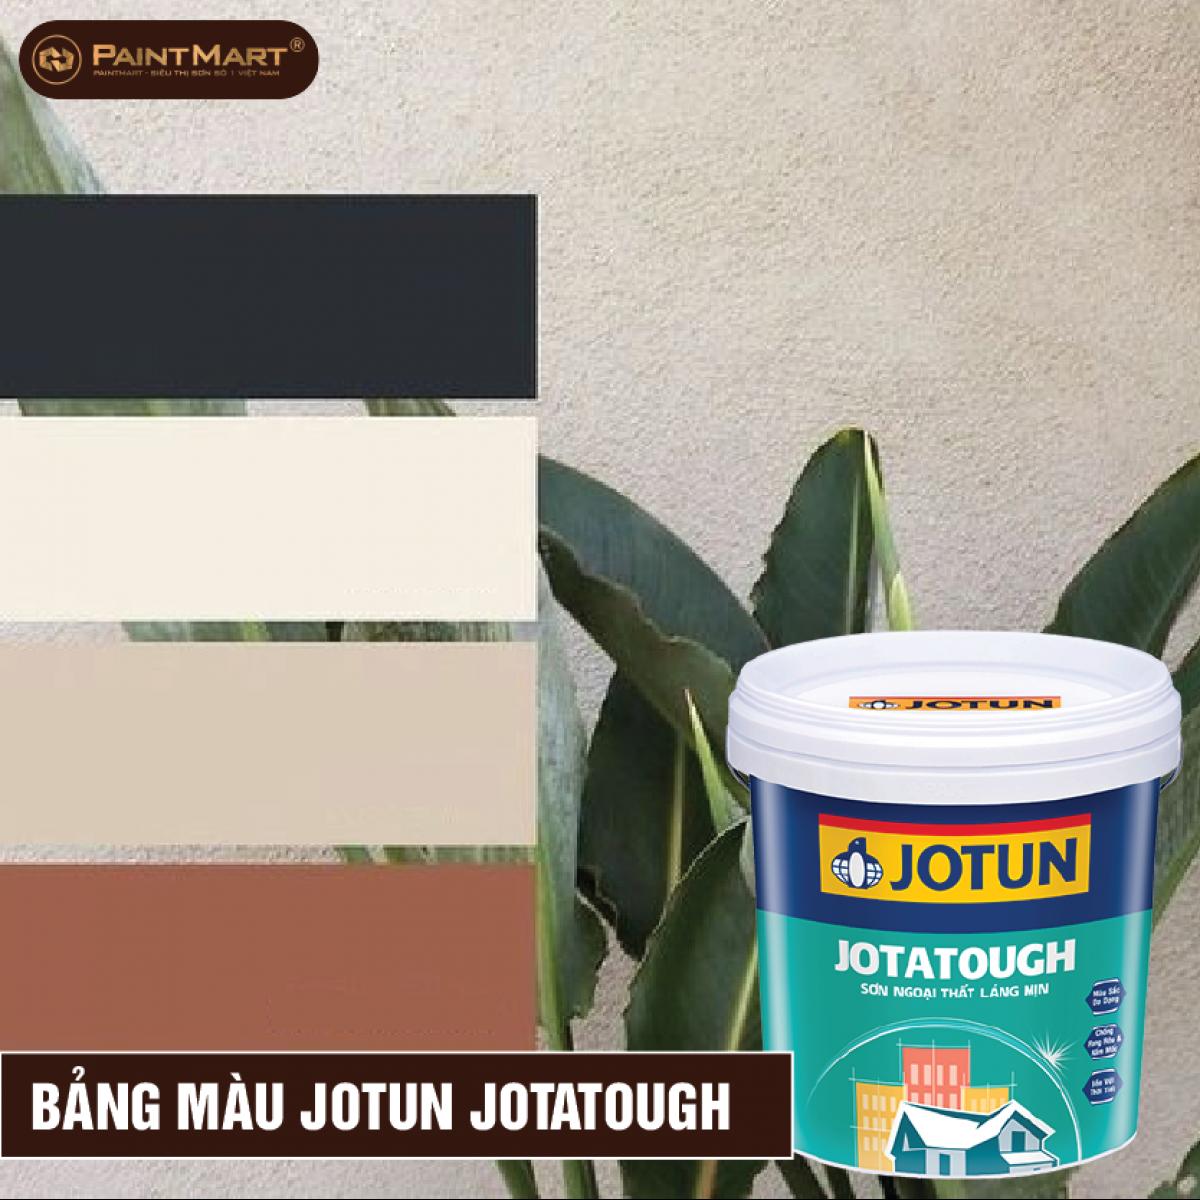 Bảng màu sơn ngoại thất Jotun Jotatough